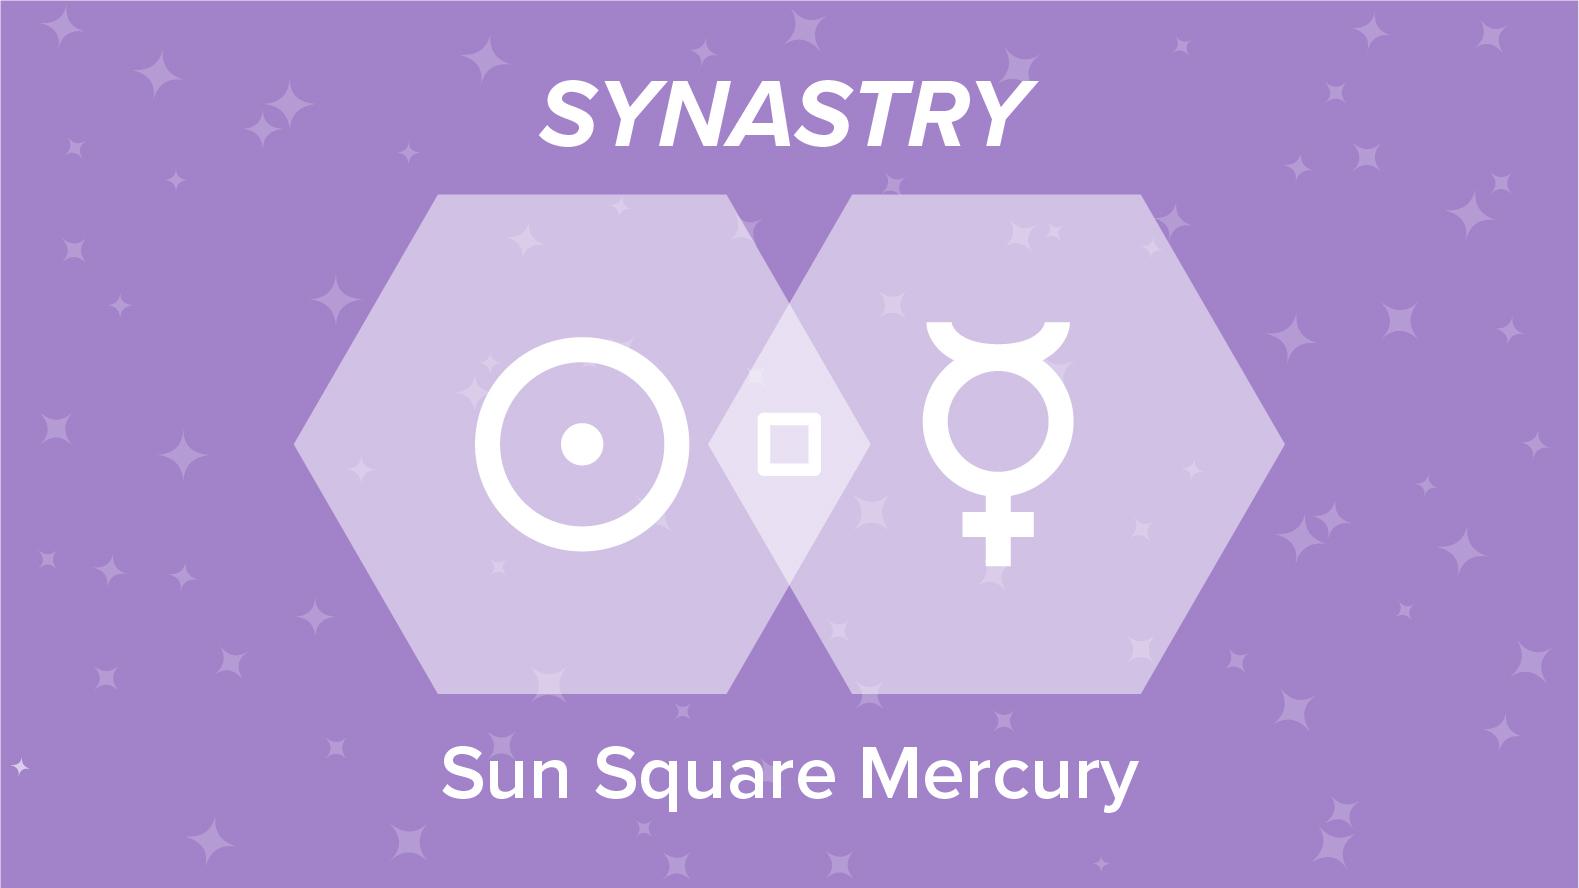 Sun Square Mercury Synastry